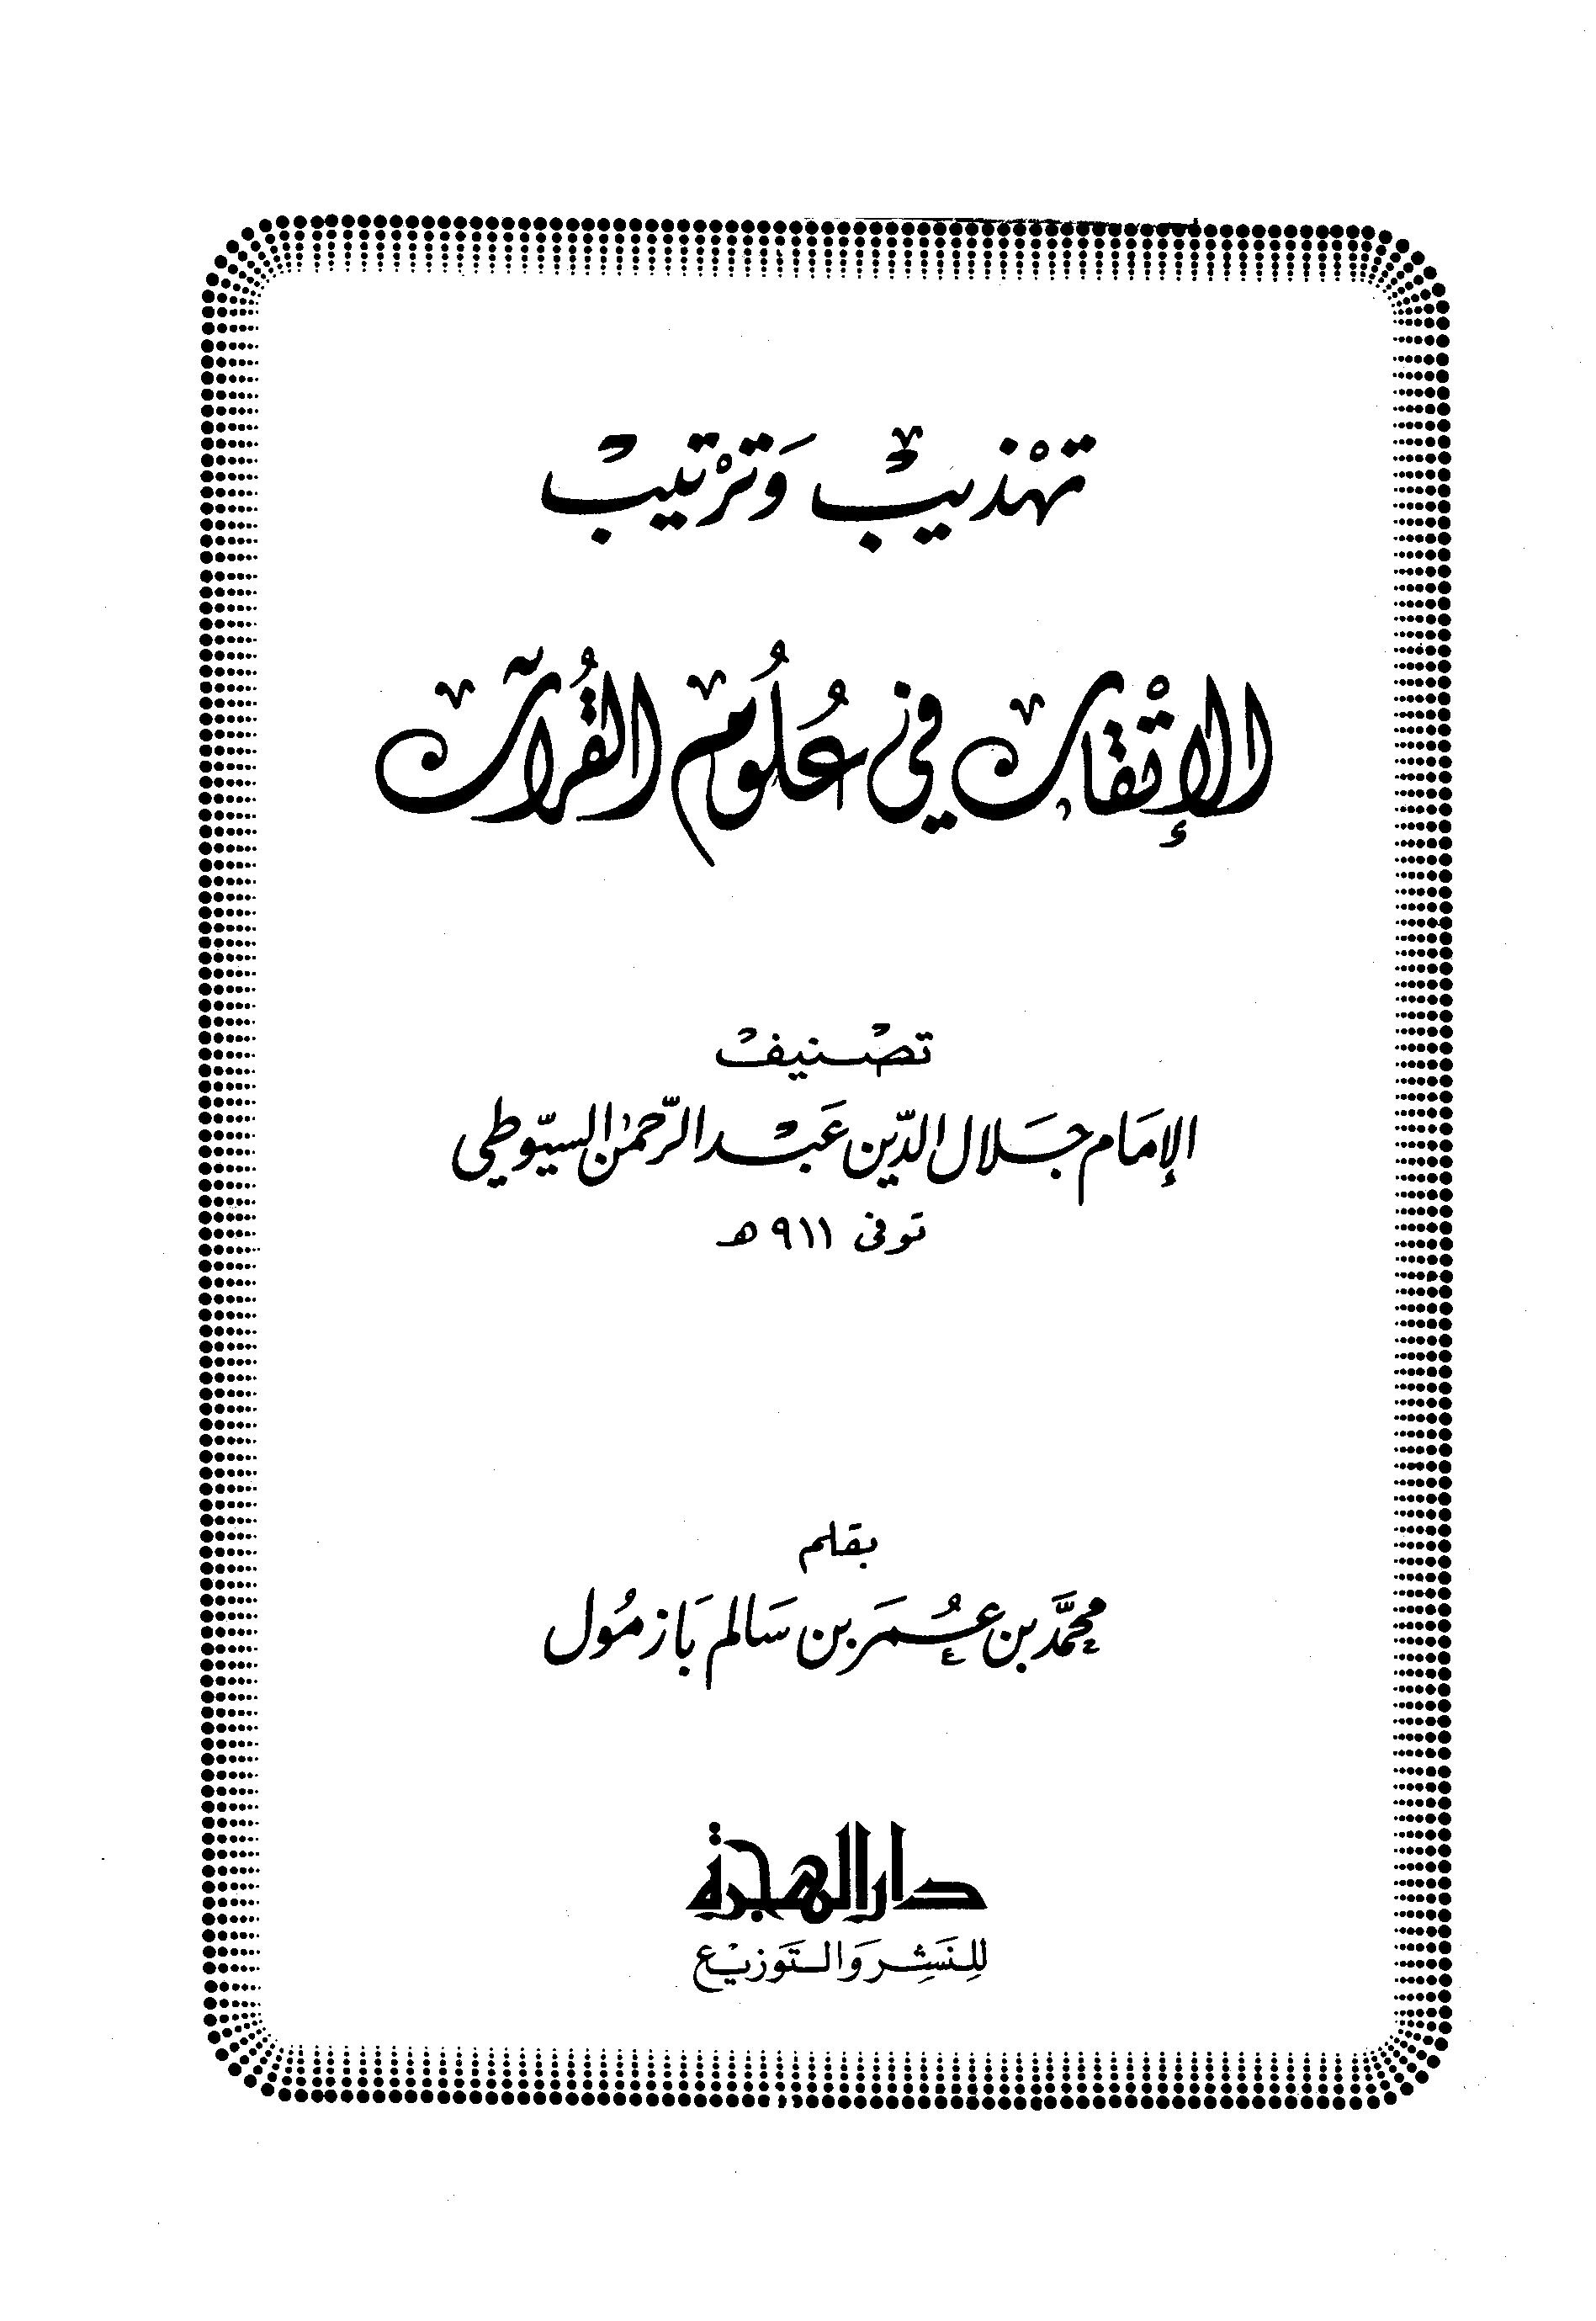 تحميل كتاب تهذيب وترتيب الإتقان في علوم القرآن لـِ: الدكتور محمد بن عمر بن سالم بازمول